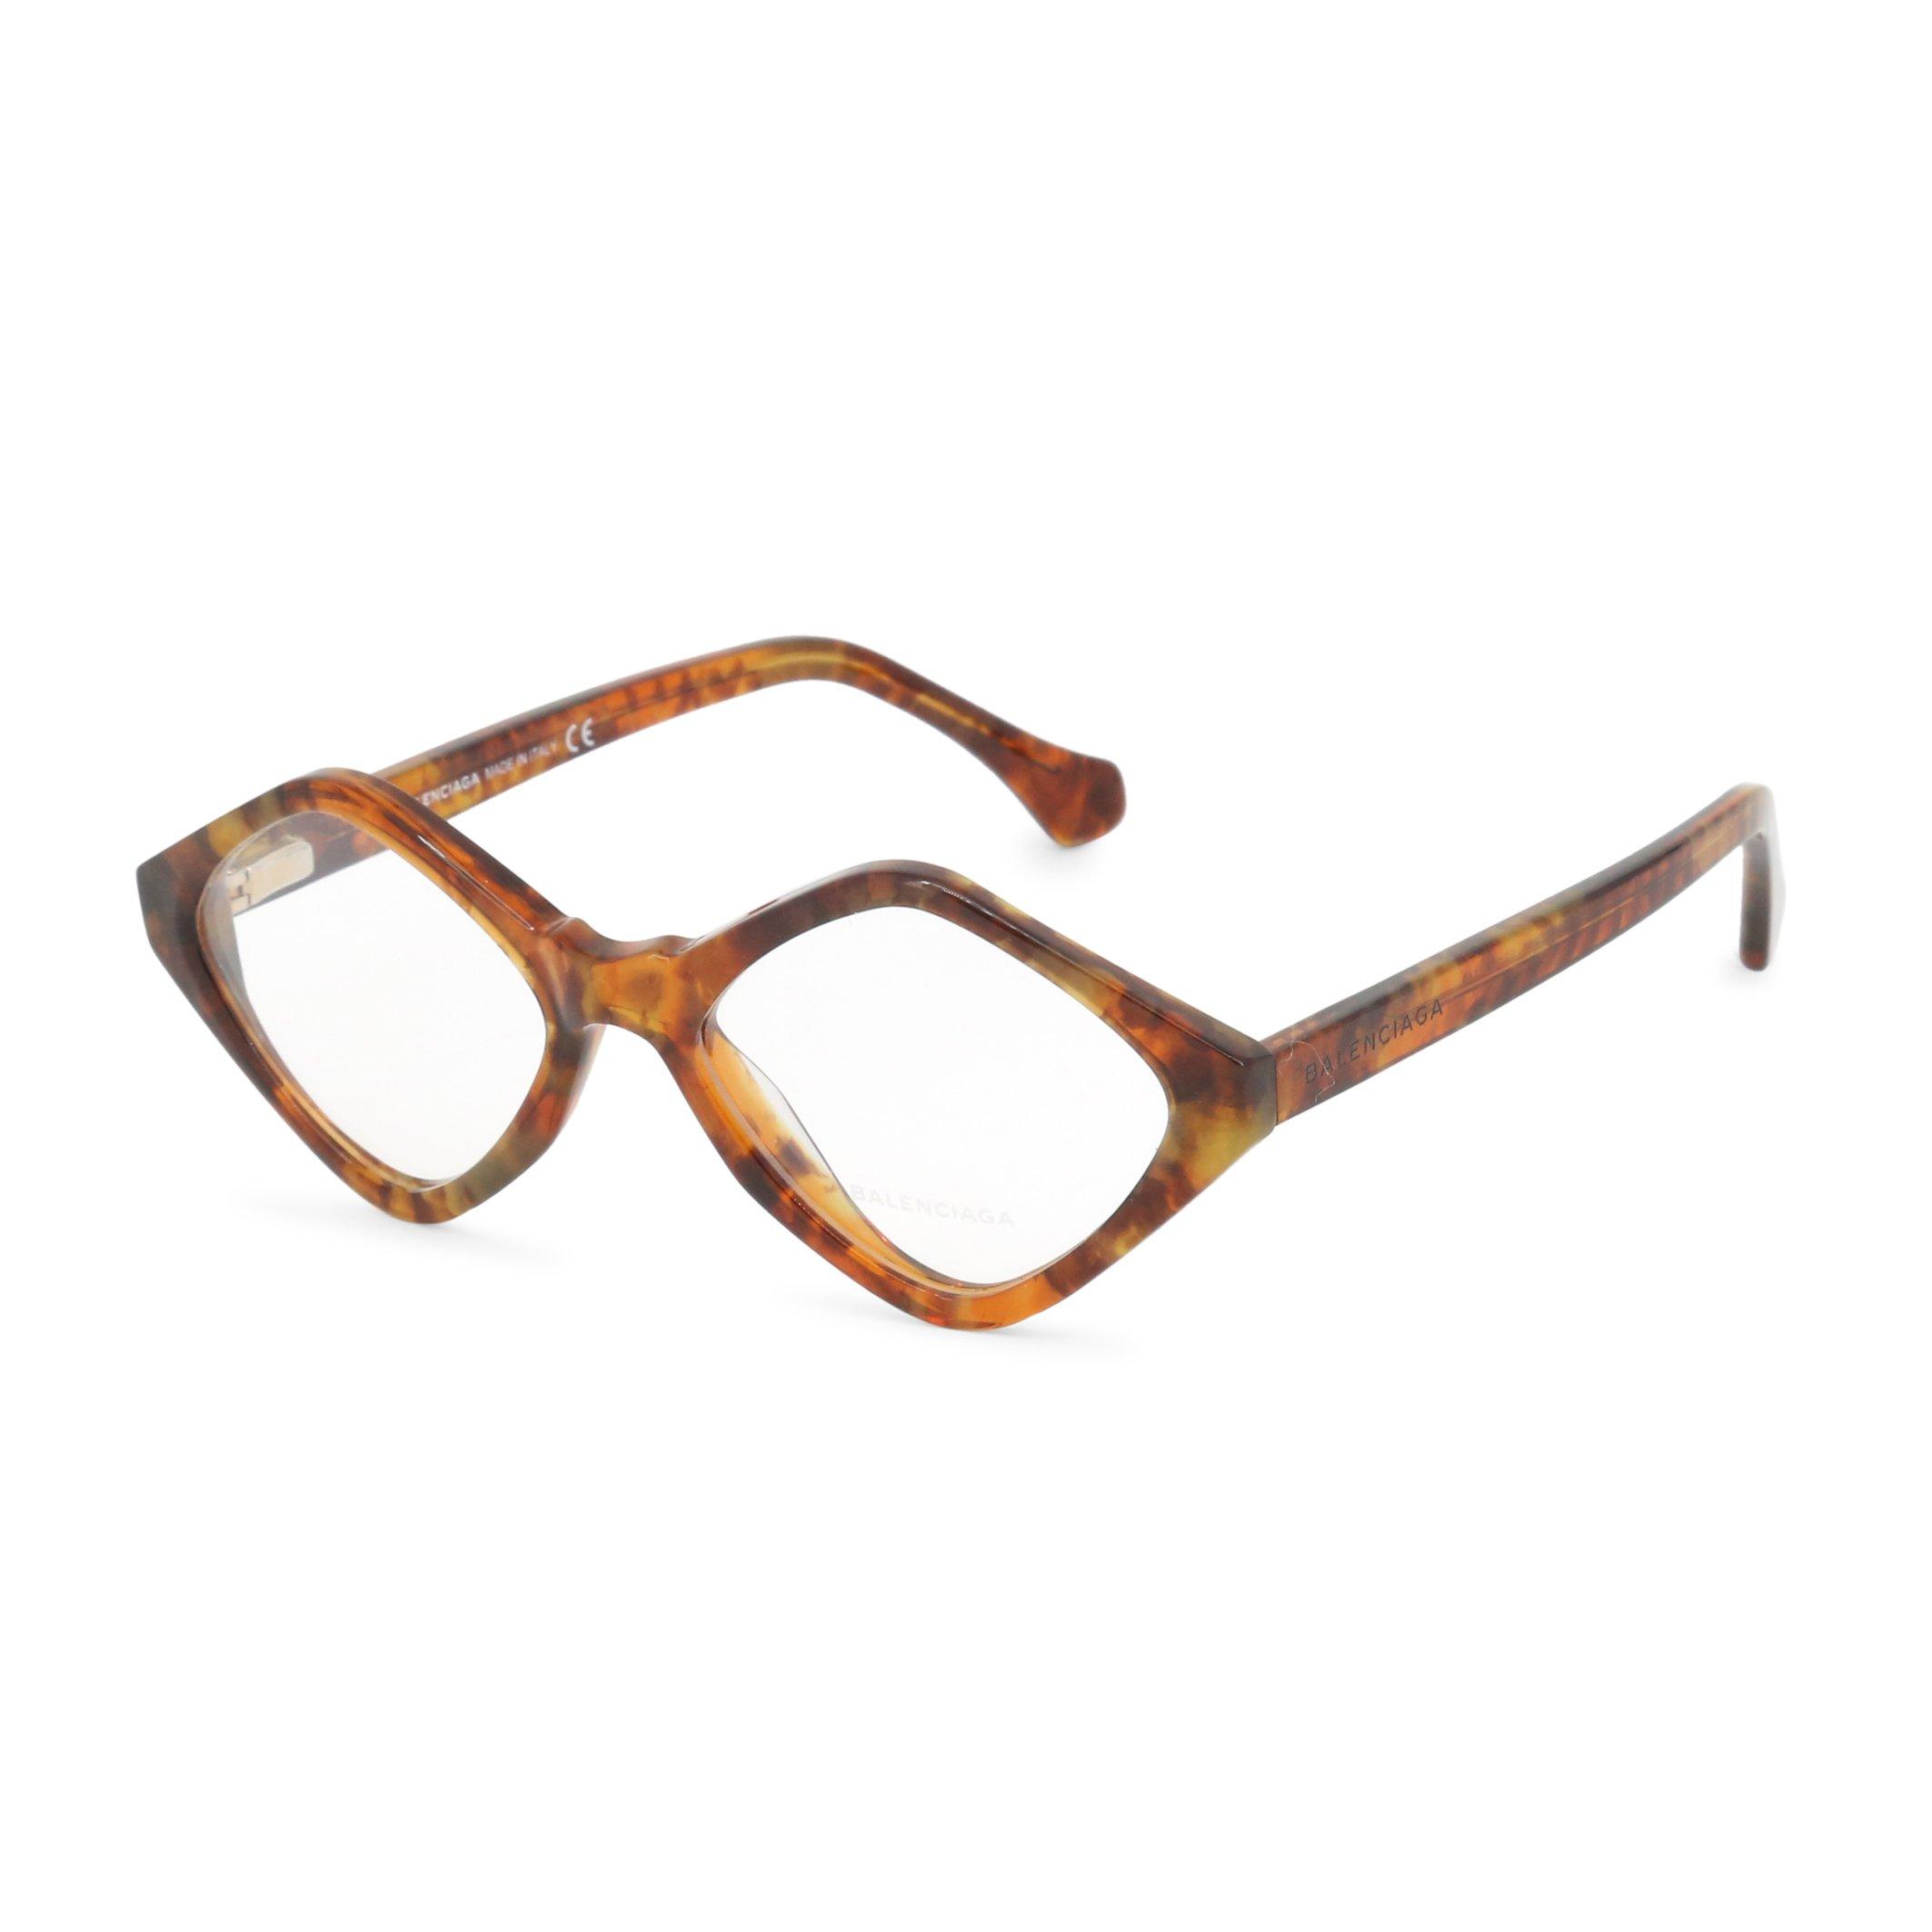 Balenciaga - BA5029 - brown-1 NOSIZE